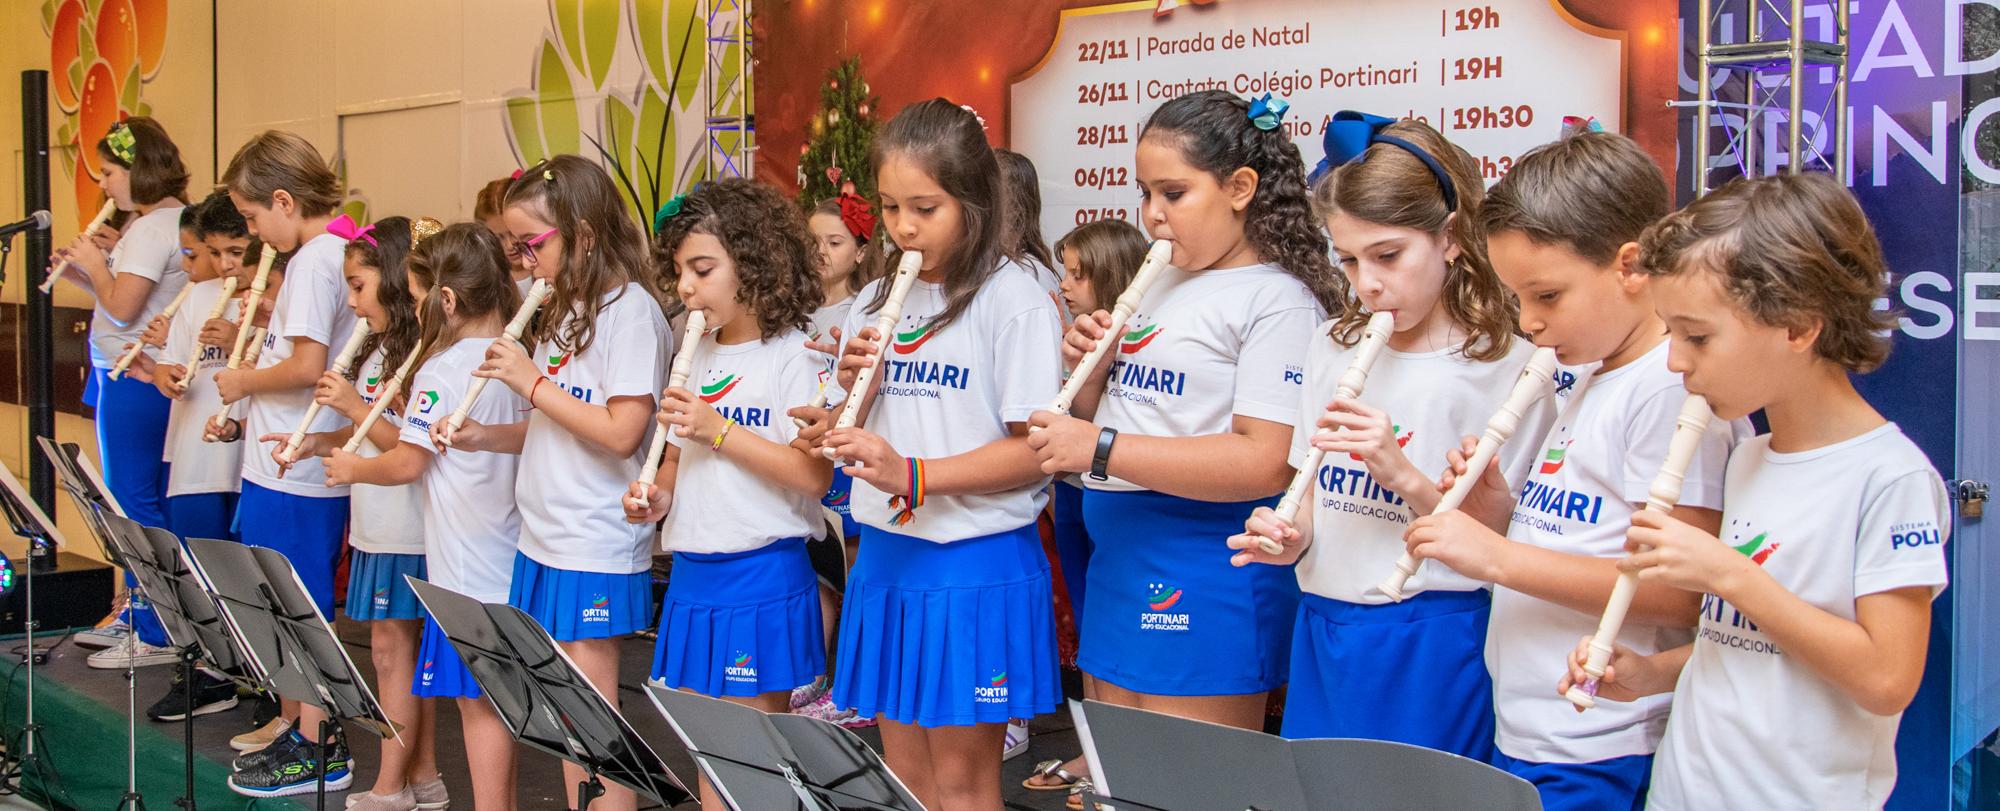 Alunos que participam das Oficinas de Canto e Coral e Flauta apresentam cantata de Natal no shopping